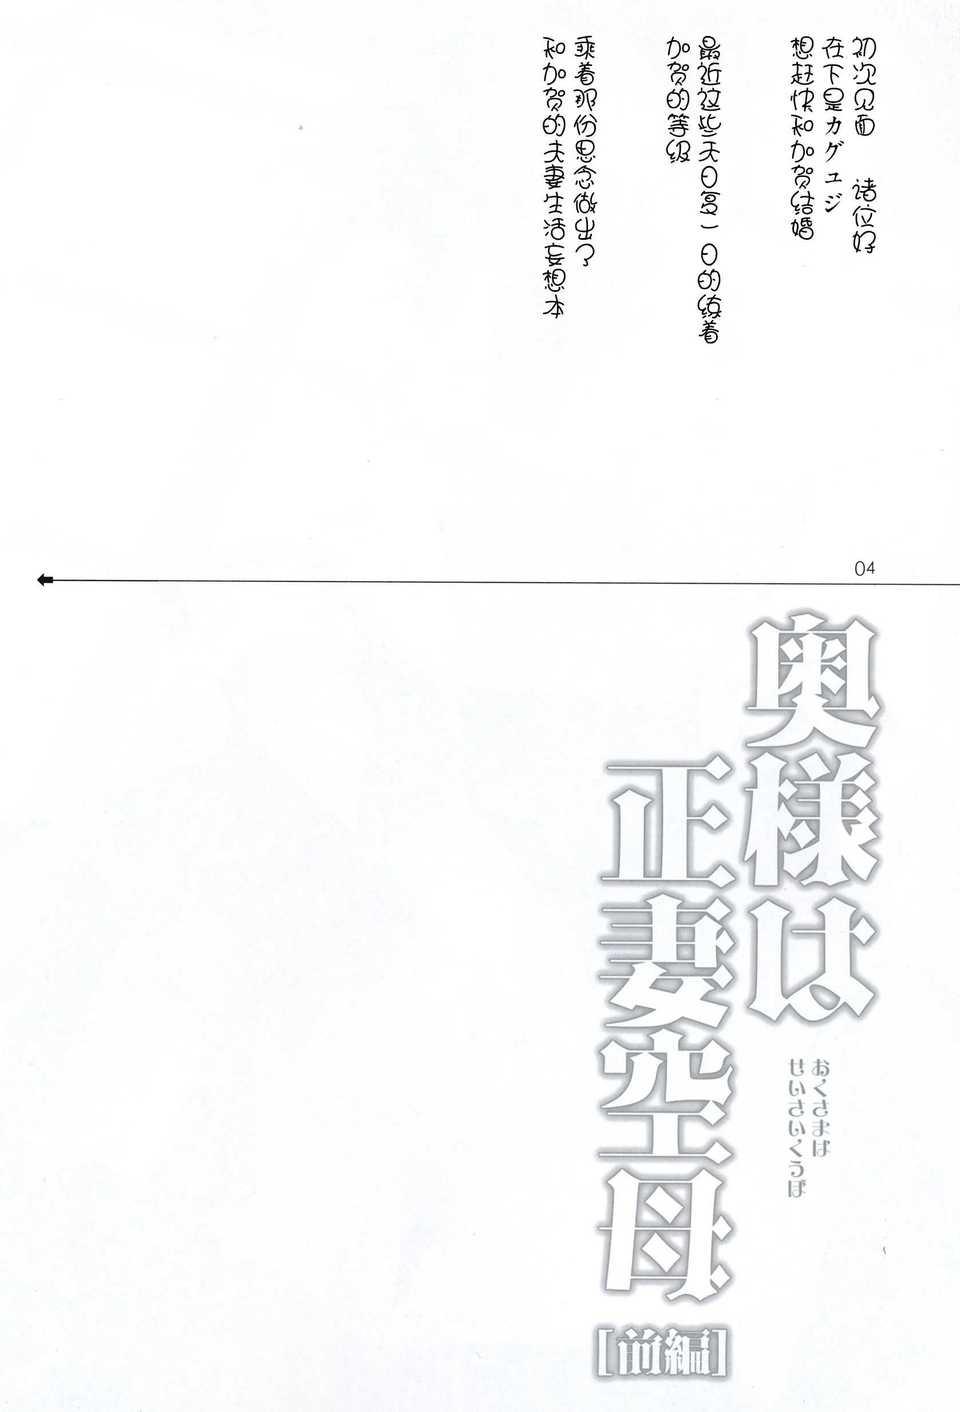 [艦隊これくしょん -艦これ-][奧は正妻空母[前編]-4.jpg